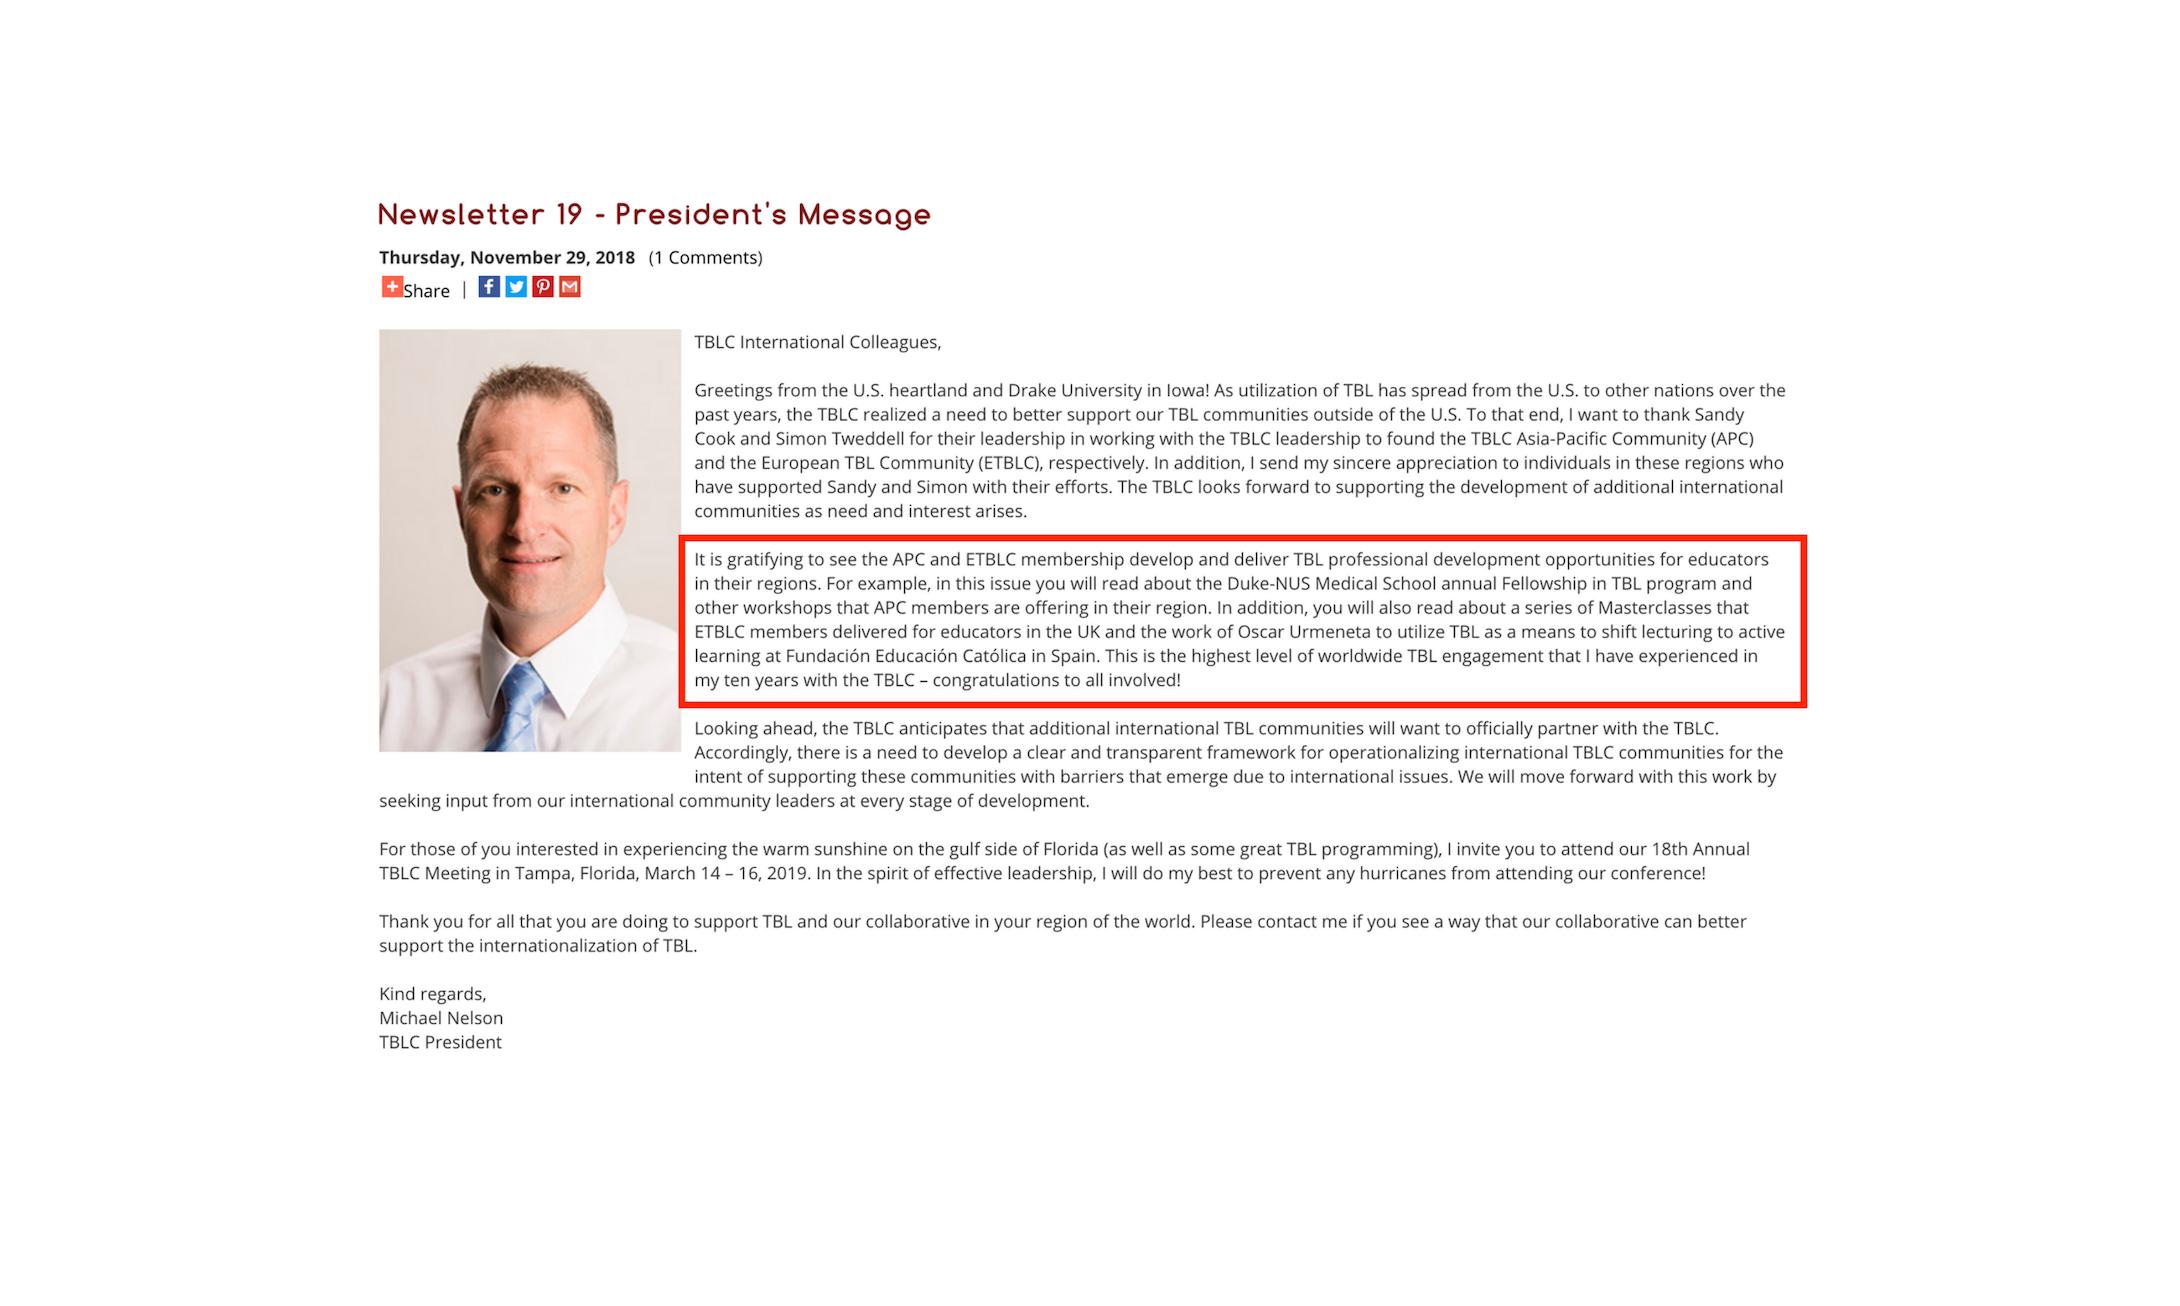 TBLC Newsletter 19: editorial del presidente